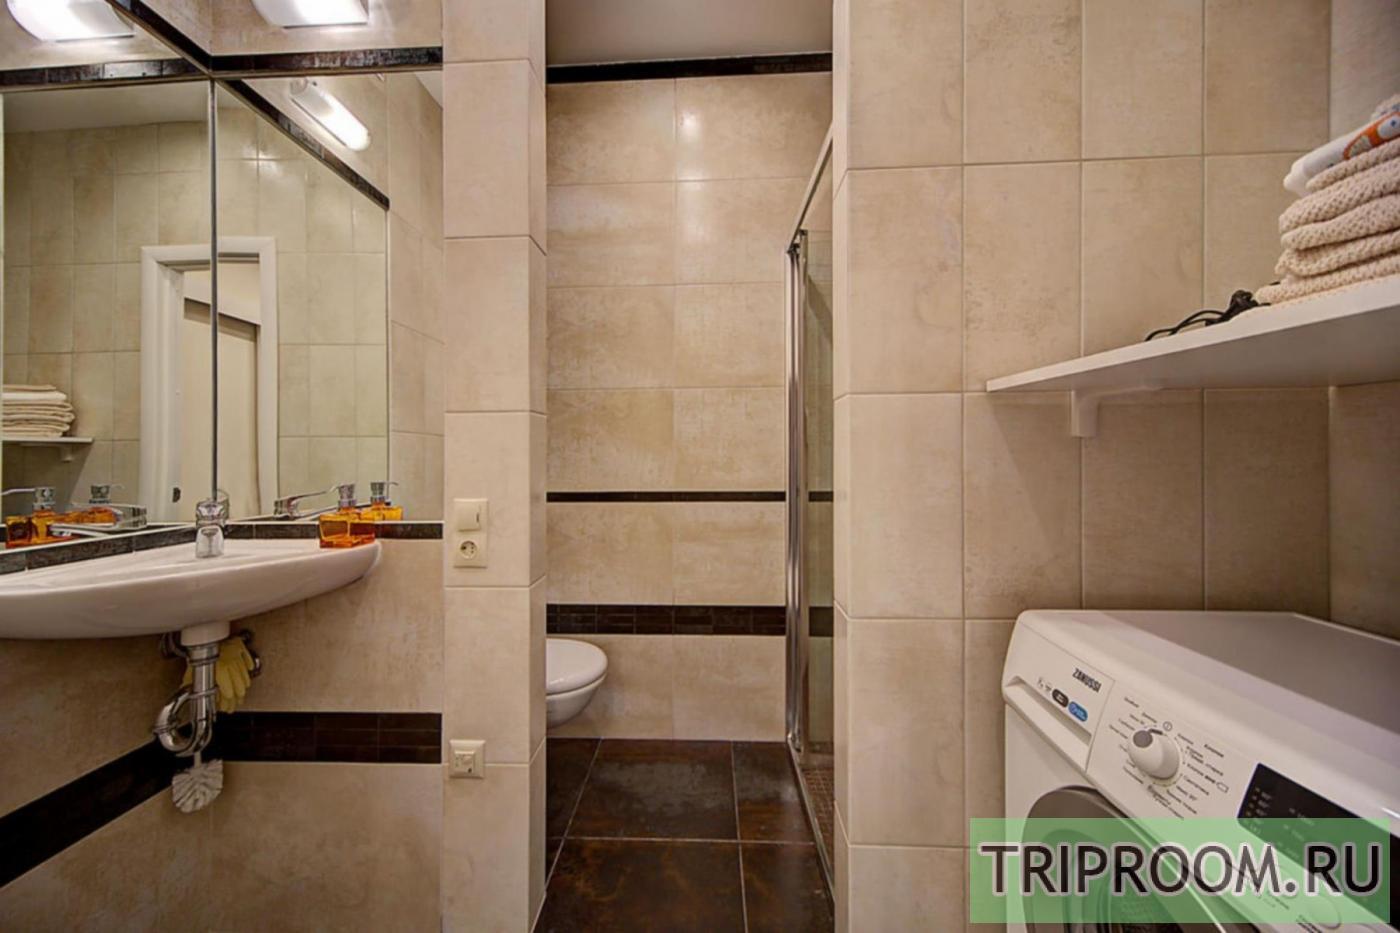 1-комнатная квартира посуточно (вариант № 33291), ул. Социалистическая ул, фото № 9